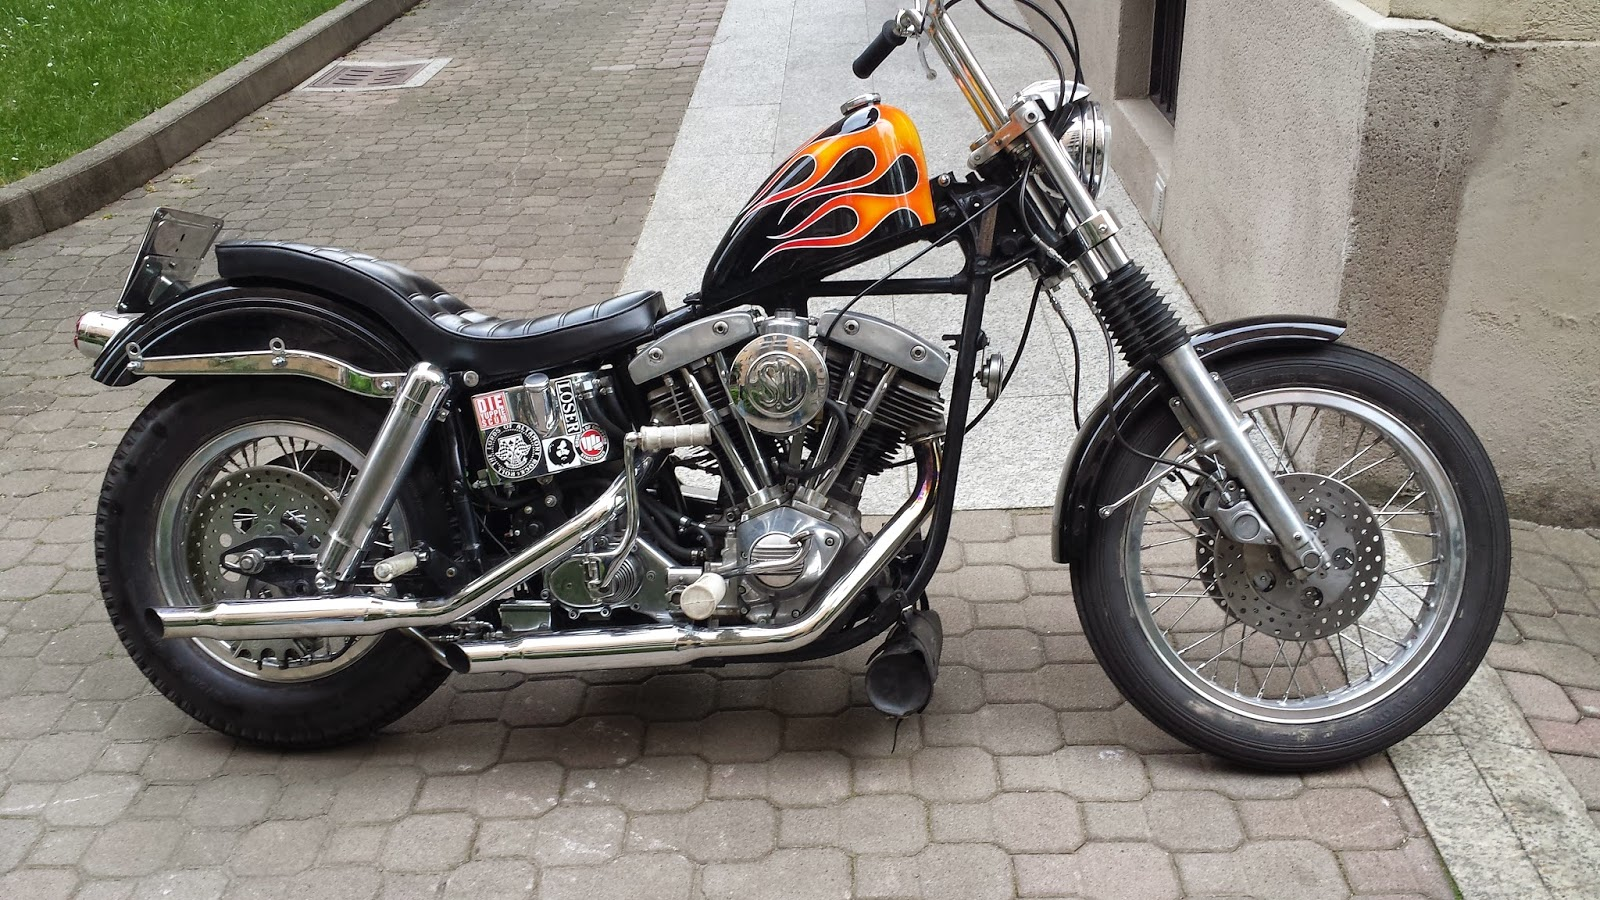 stafford springs motorcycle swap meet